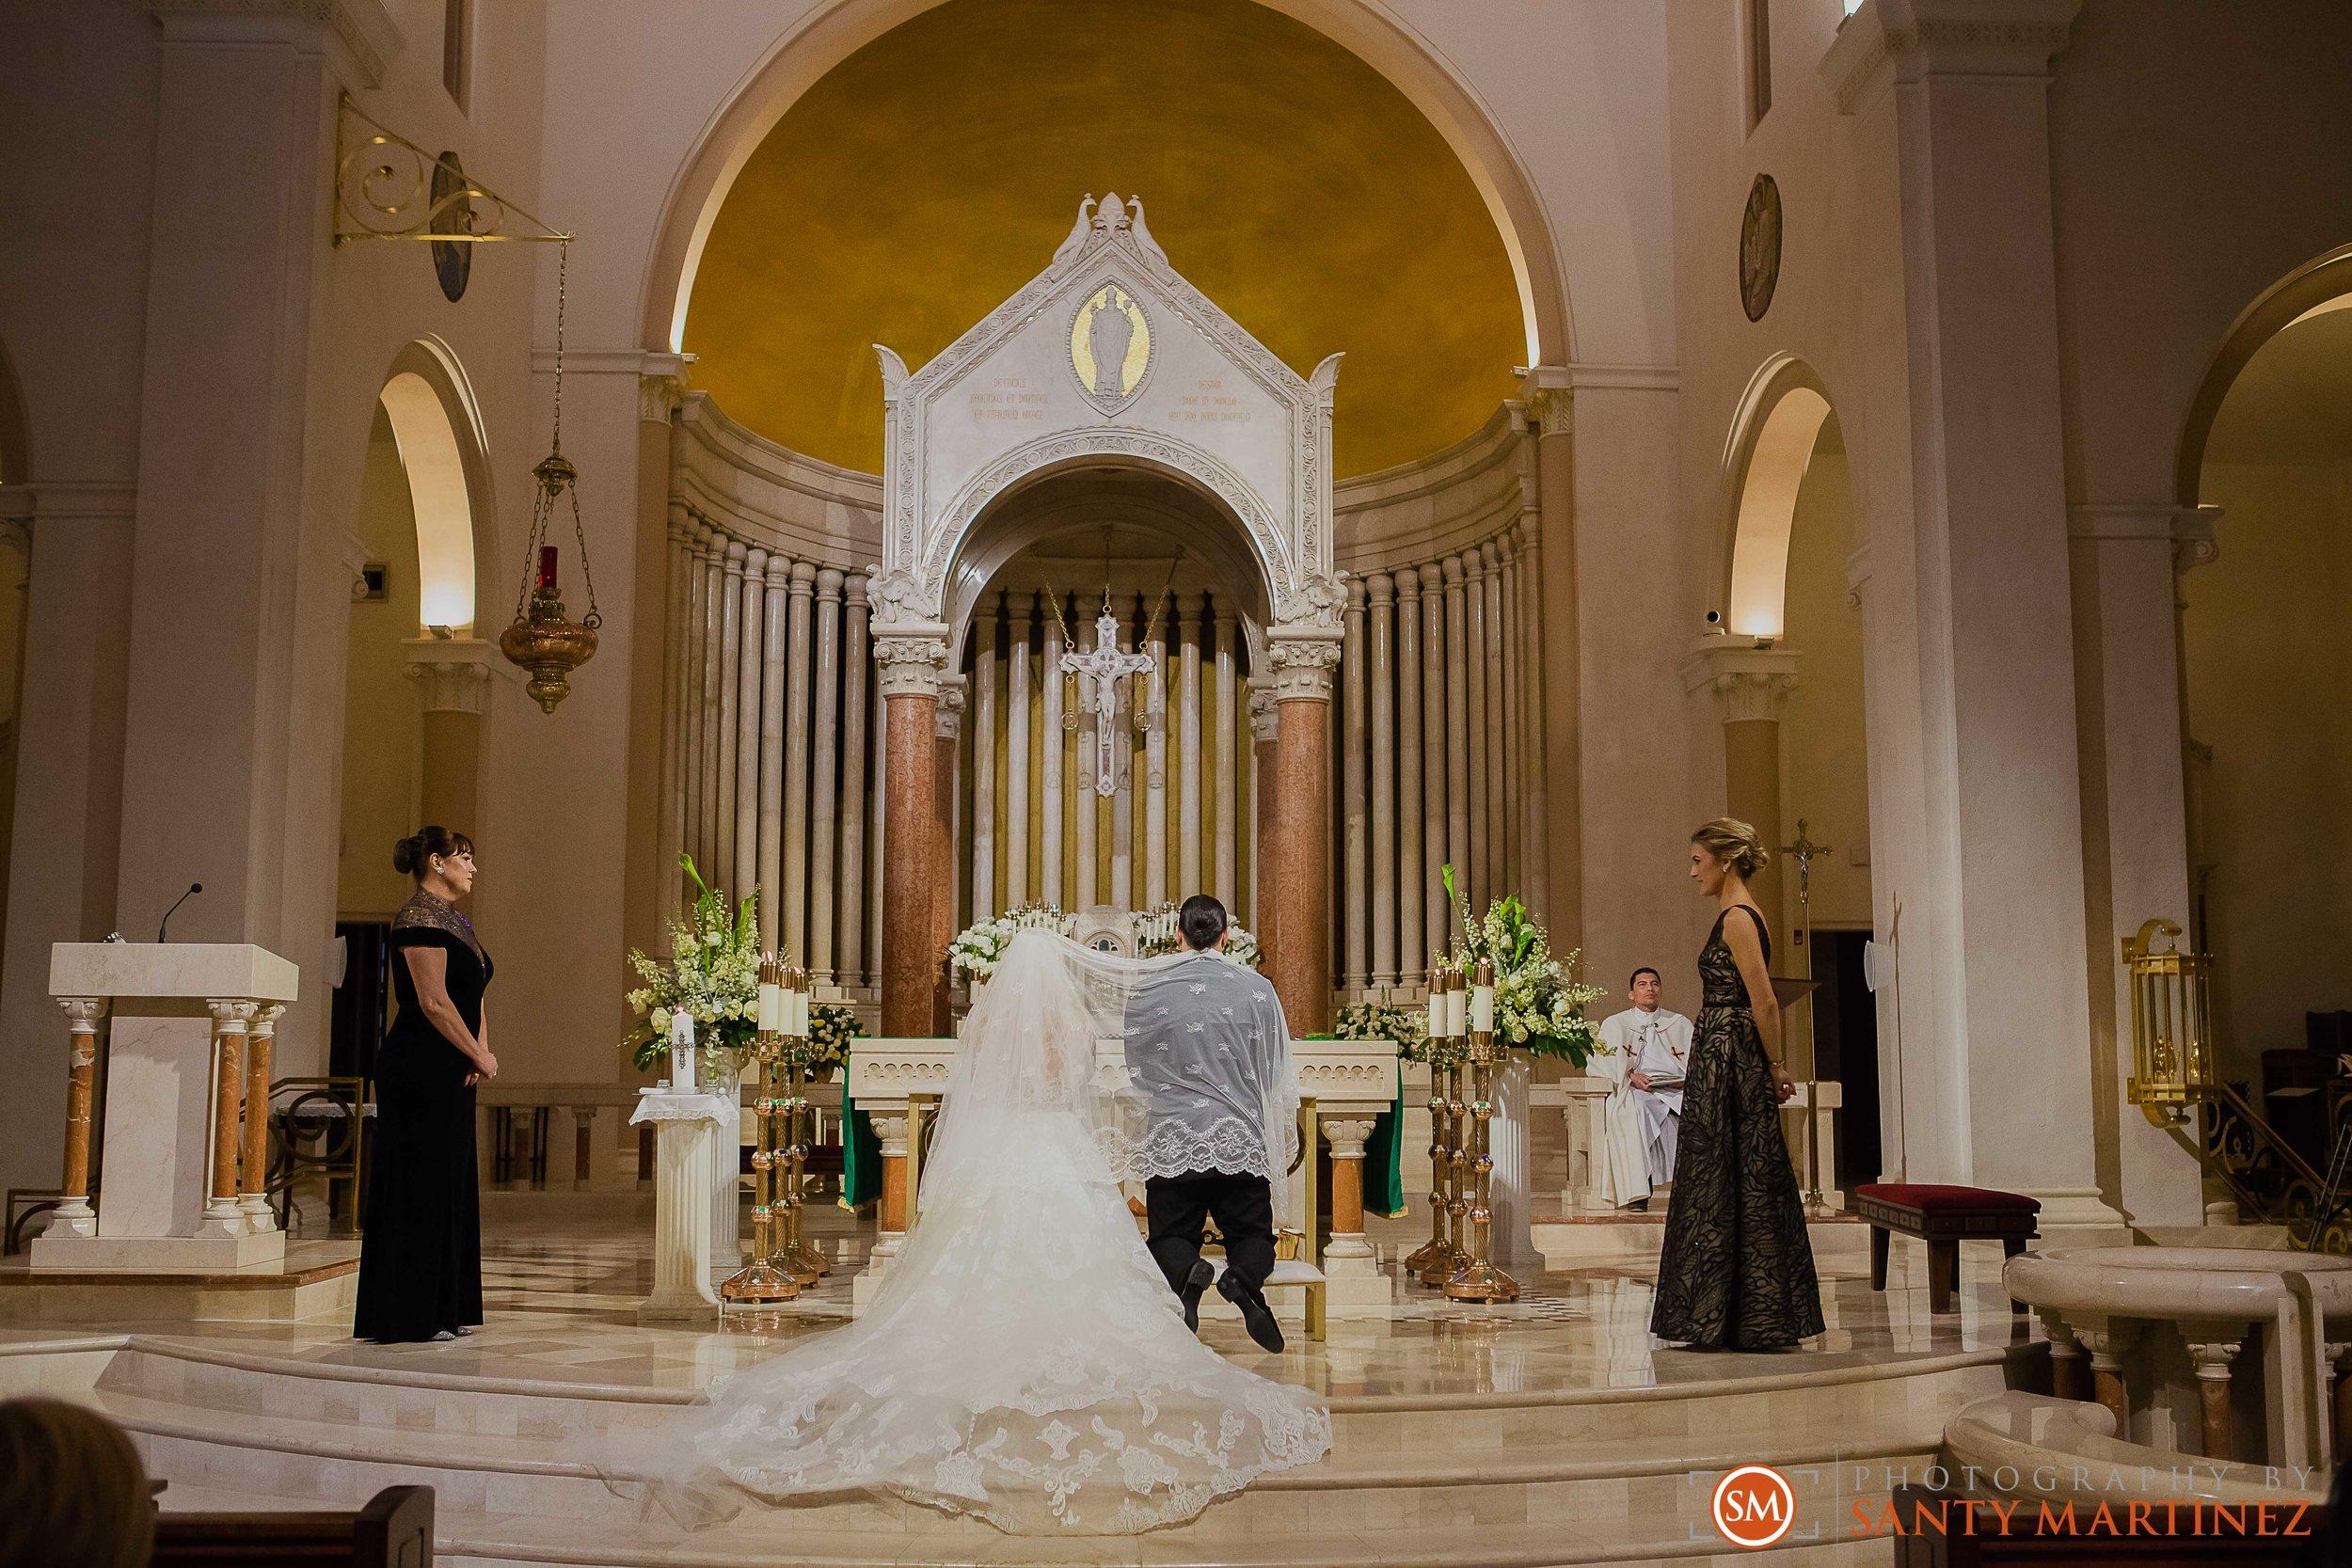 Wedding - W Hotel - St Patrick Miami Beach - Santy Martinez Photography-24.jpg